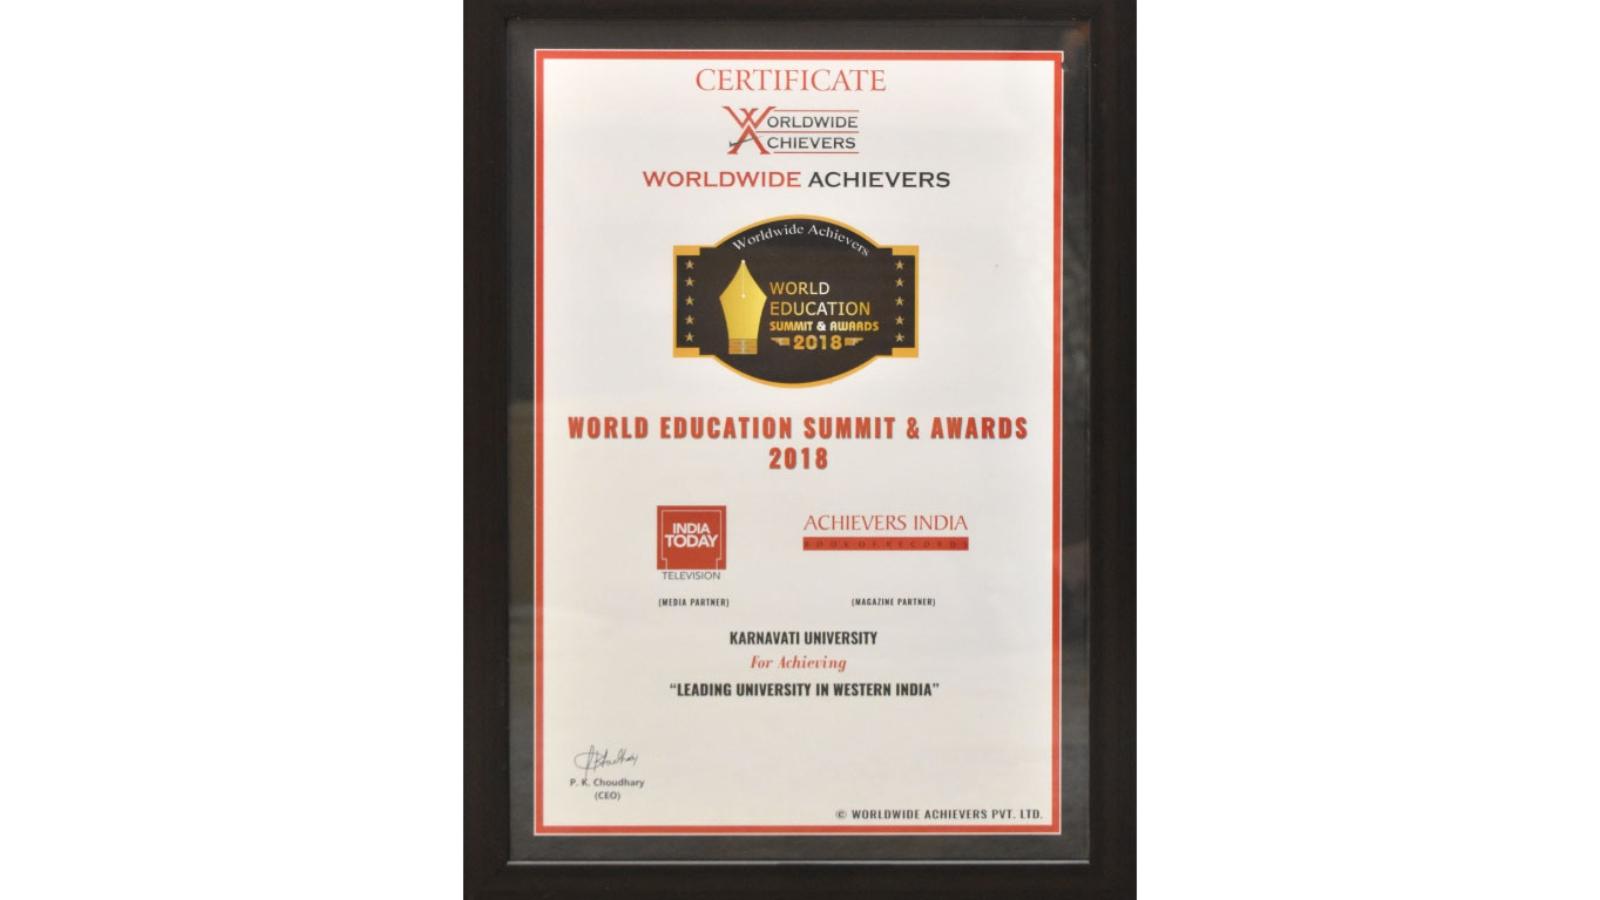 KU awarded 'Leading University in Western India' Image